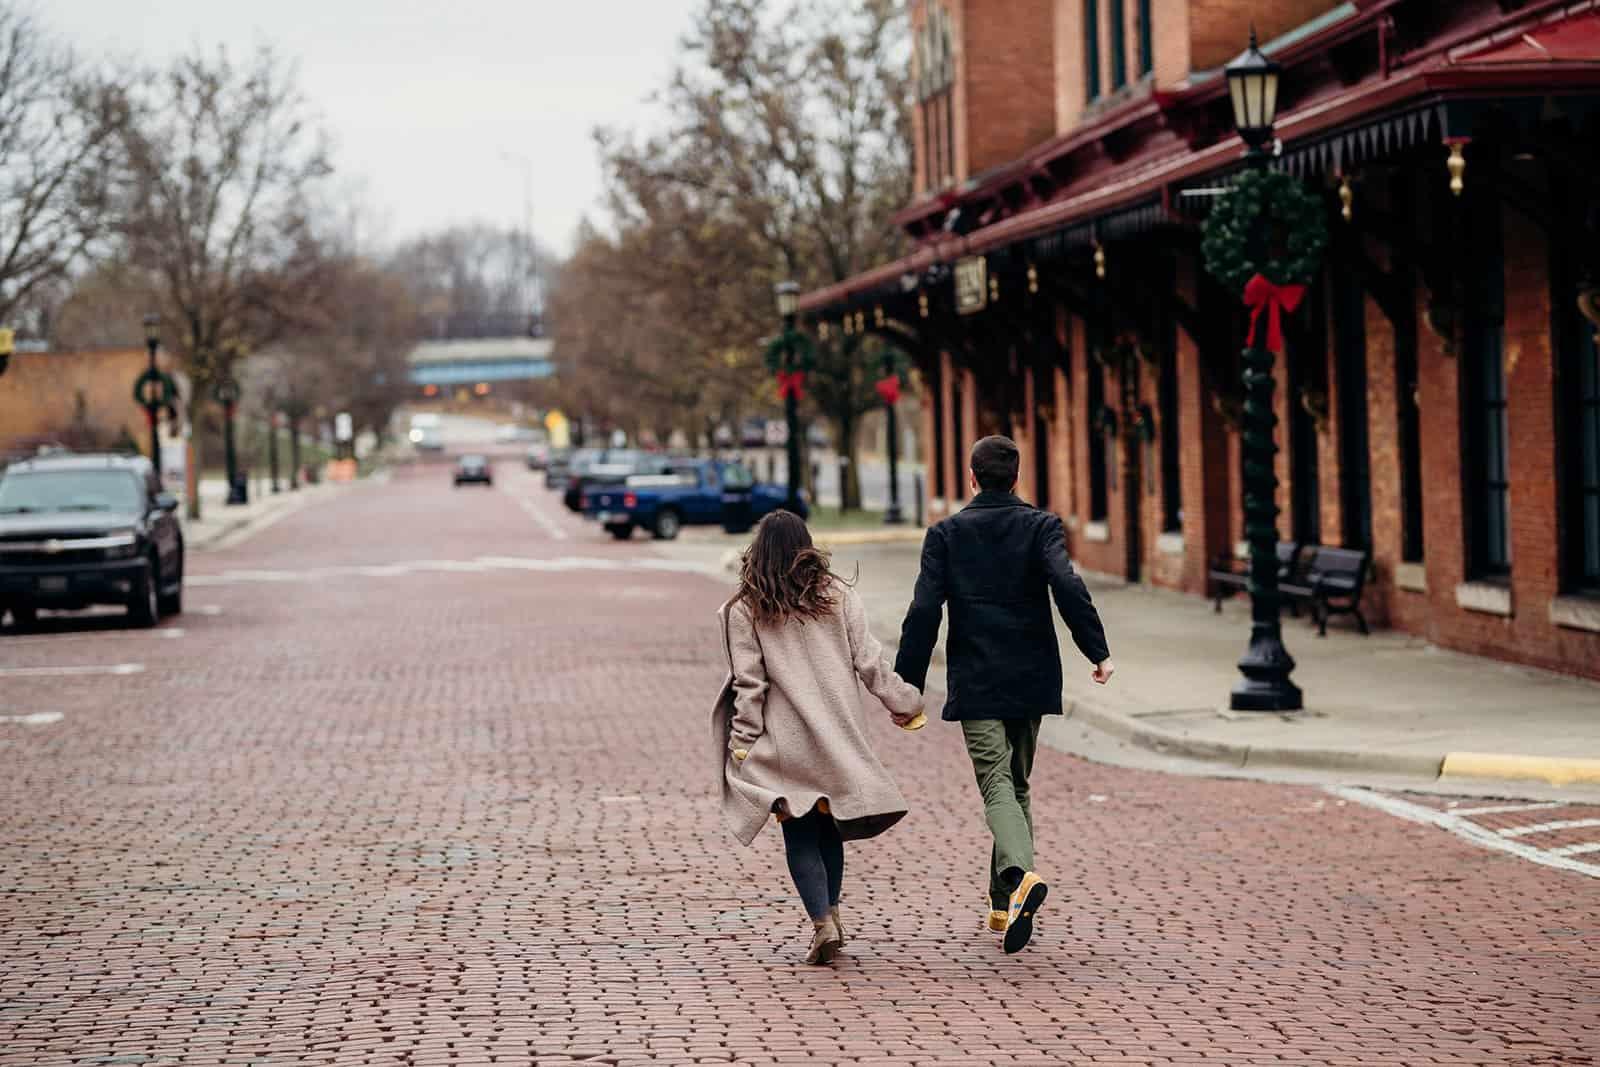 Man and woman run down brick street in Kent Ohio